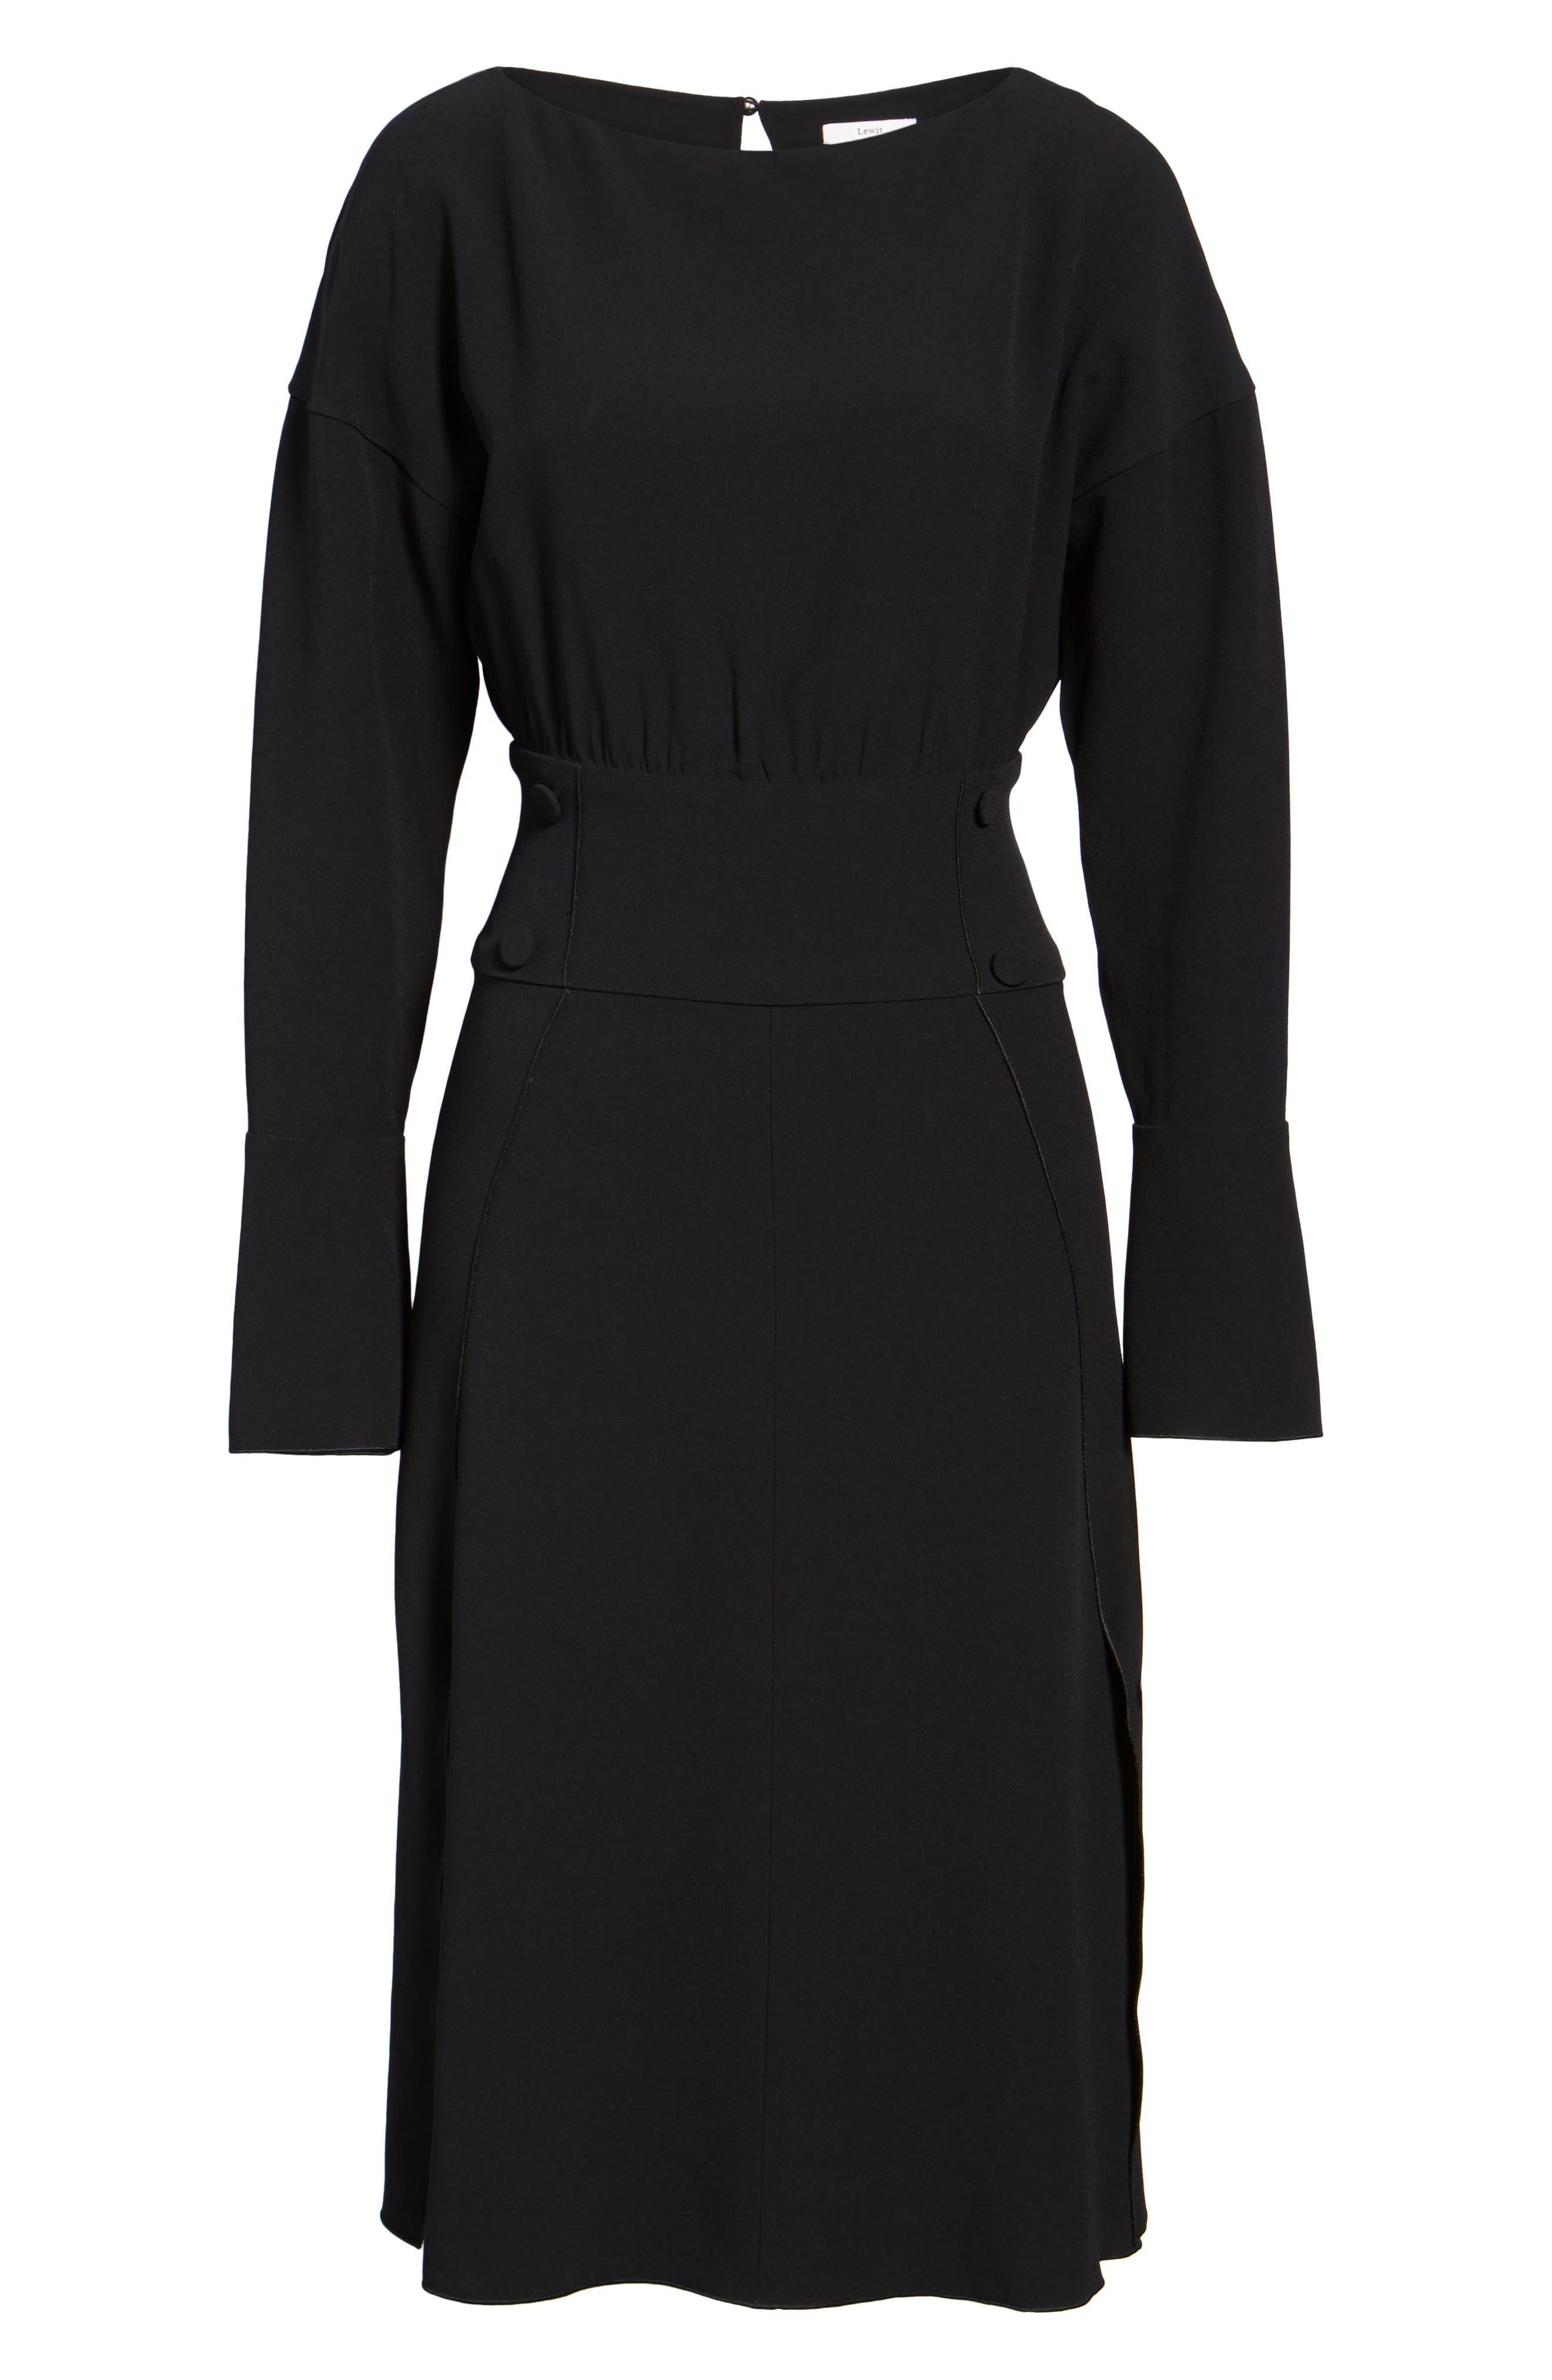 LEWIT,                             Button Detail Matte Crepe Midi Dress,                             Alternate thumbnail 6, color,                             001